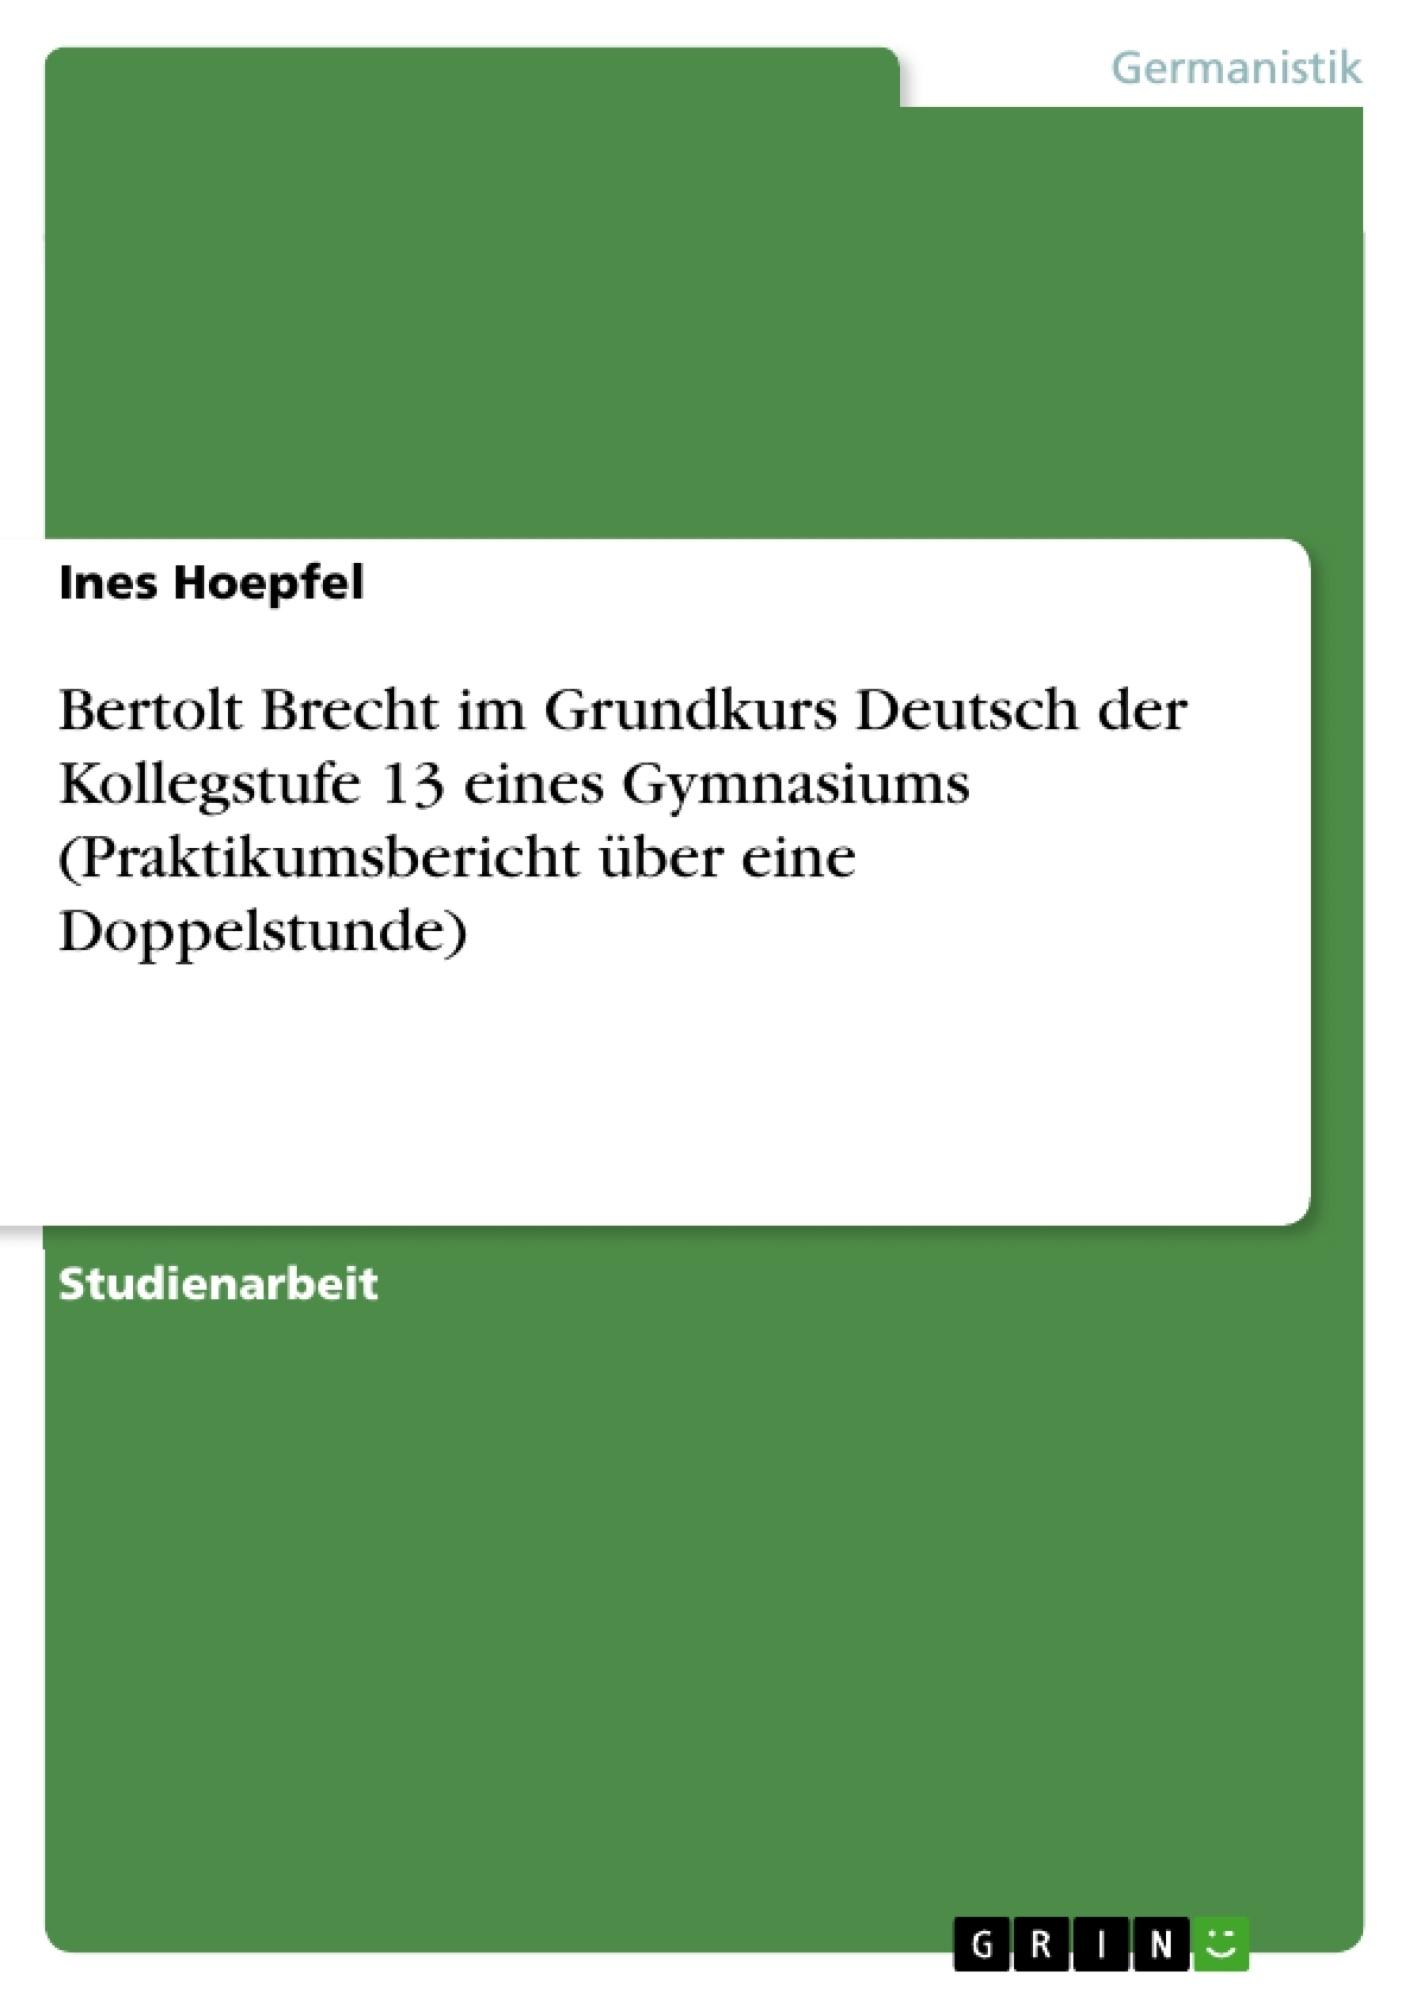 Titel: Bertolt Brecht im Grundkurs Deutsch der Kollegstufe 13 eines Gymnasiums (Praktikumsbericht über eine Doppelstunde)